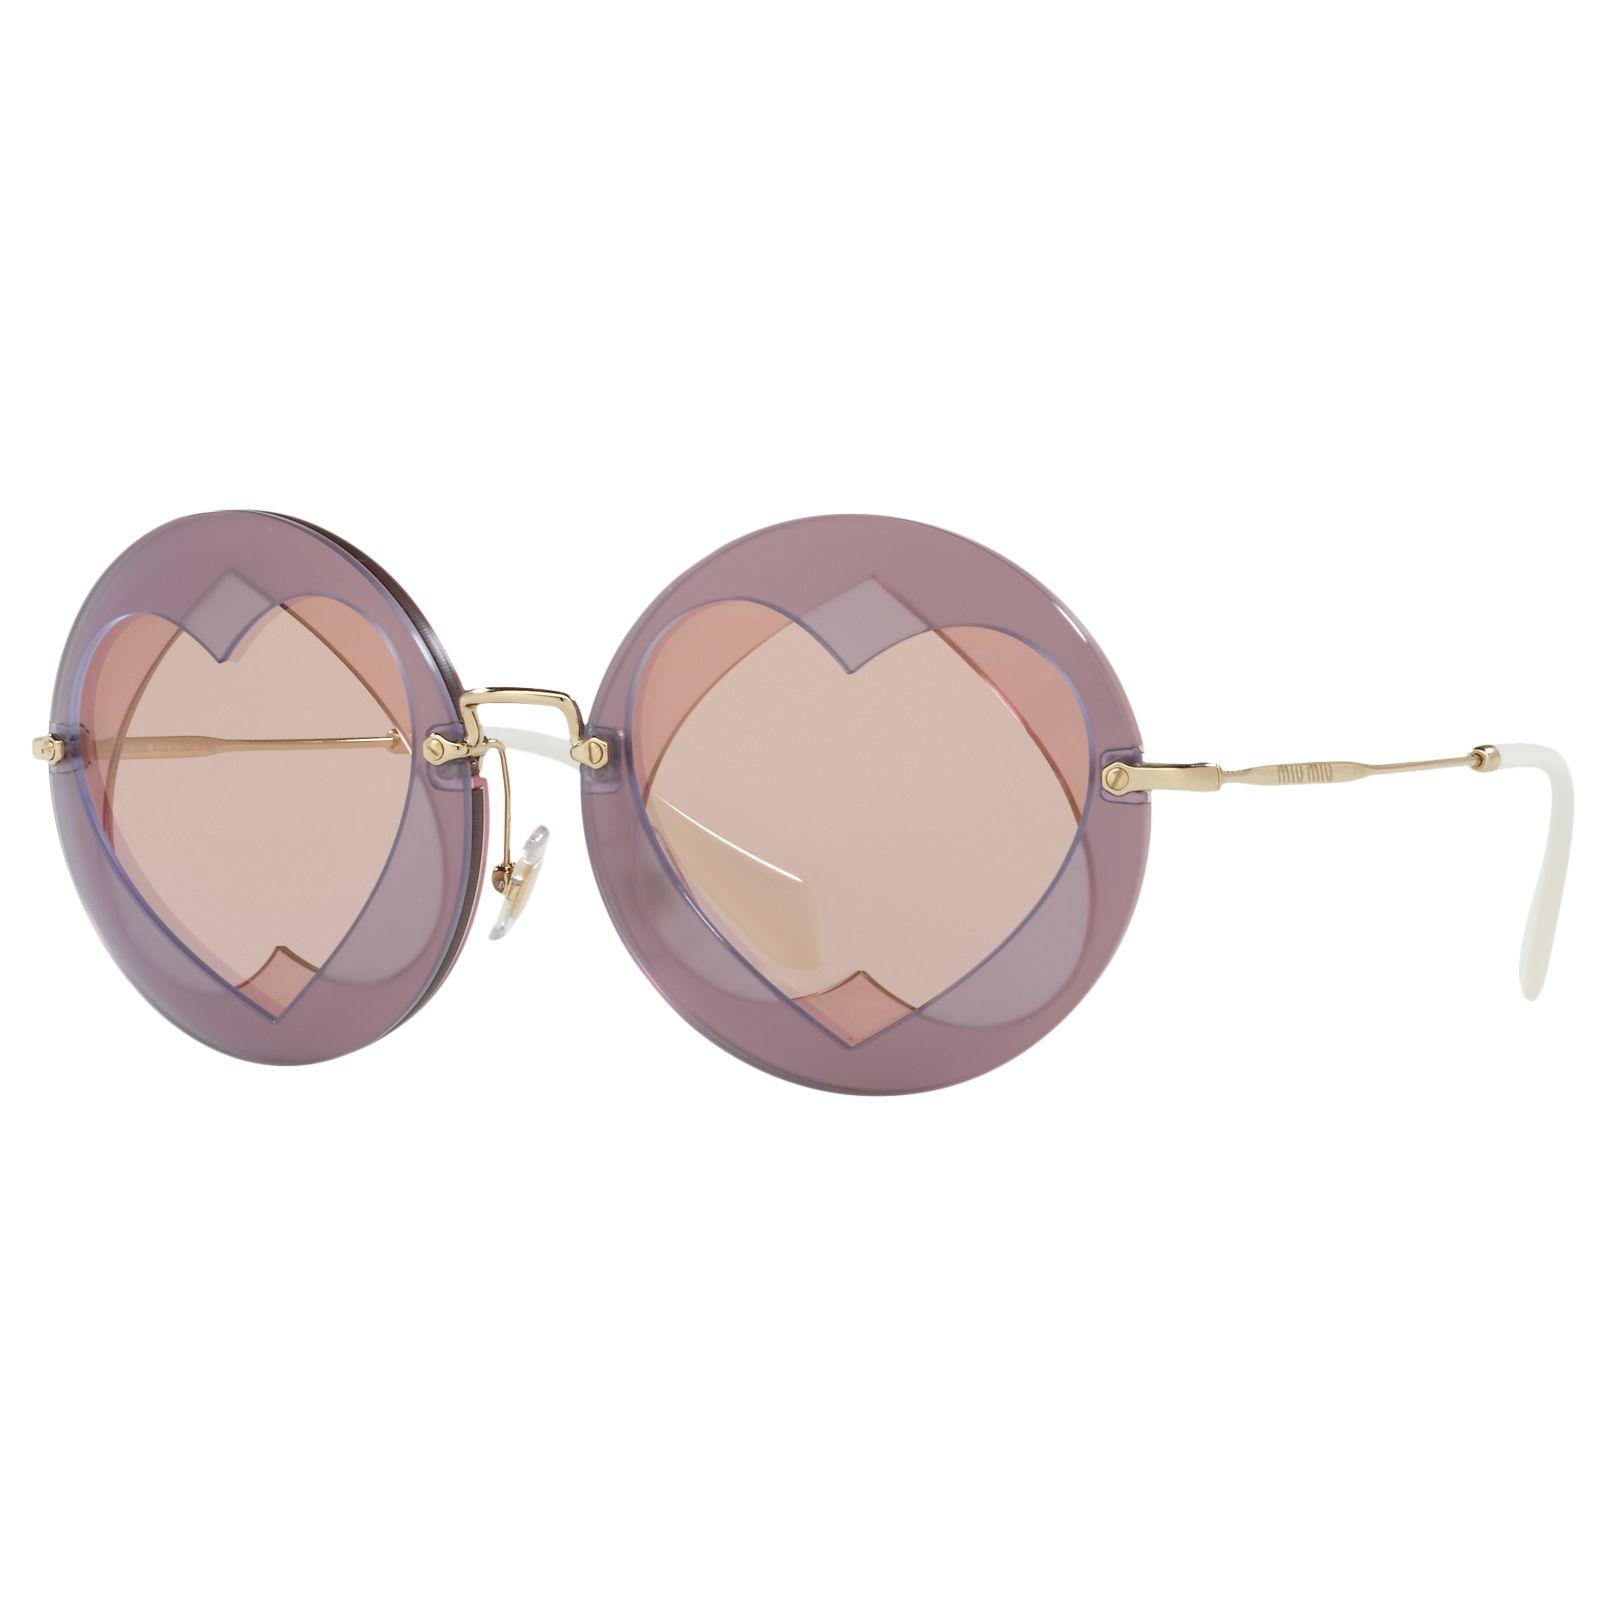 Miu Miu Miu Miu MU 01SS Round Sunglasses